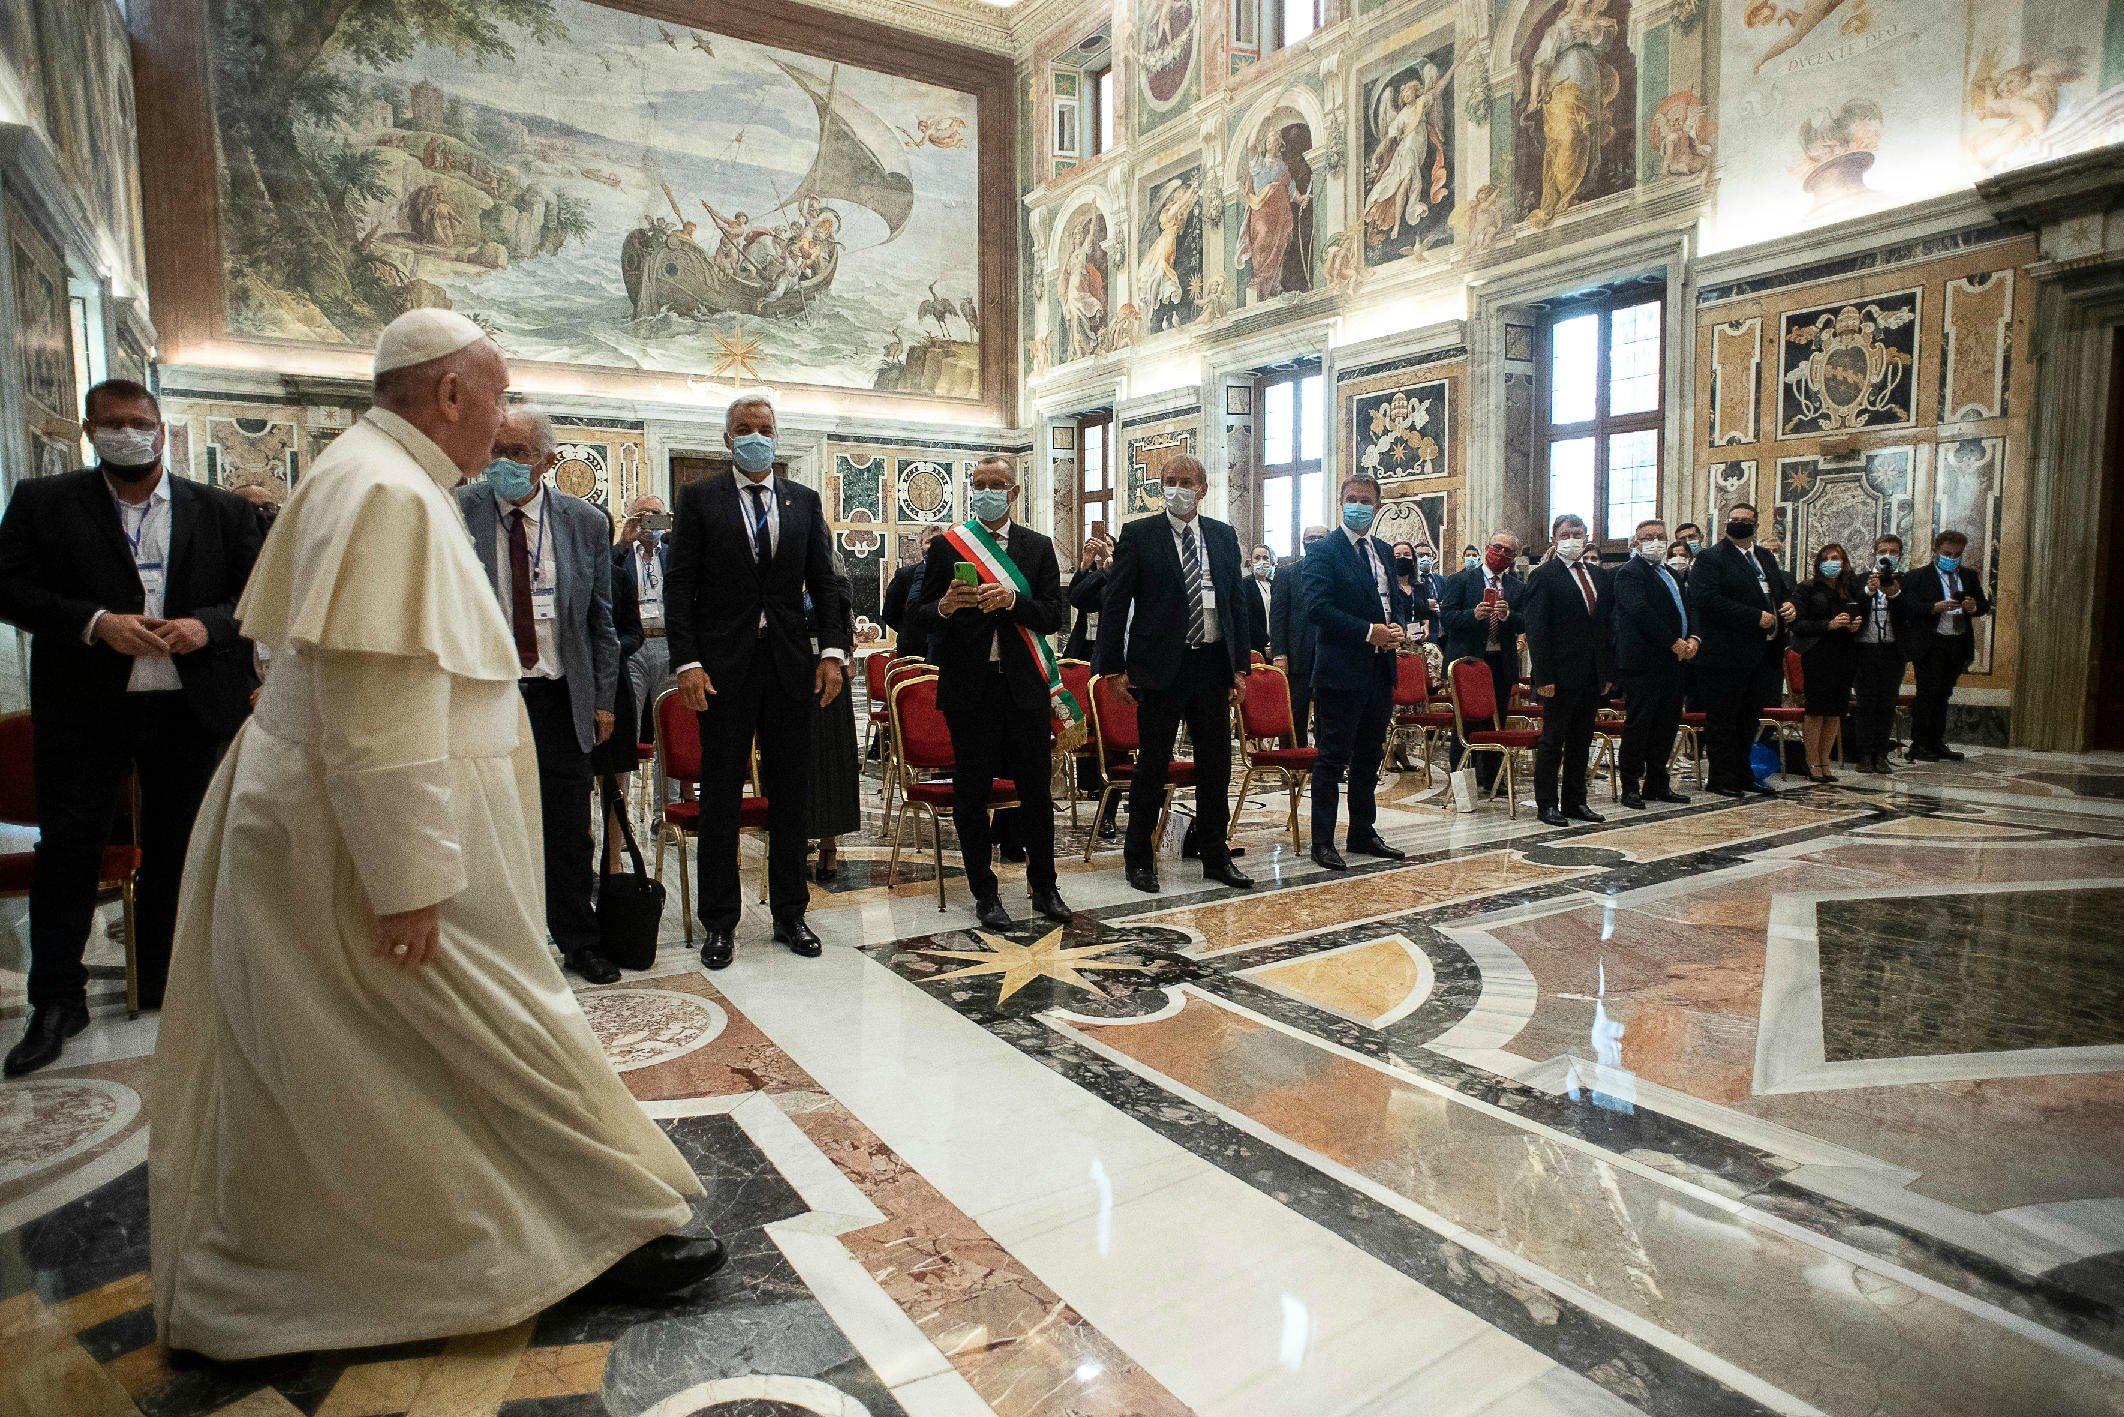 Papež Frančišek v svojih javnih nastopih poziva k strpnosti in razumevanju do migrantov in beguncev.